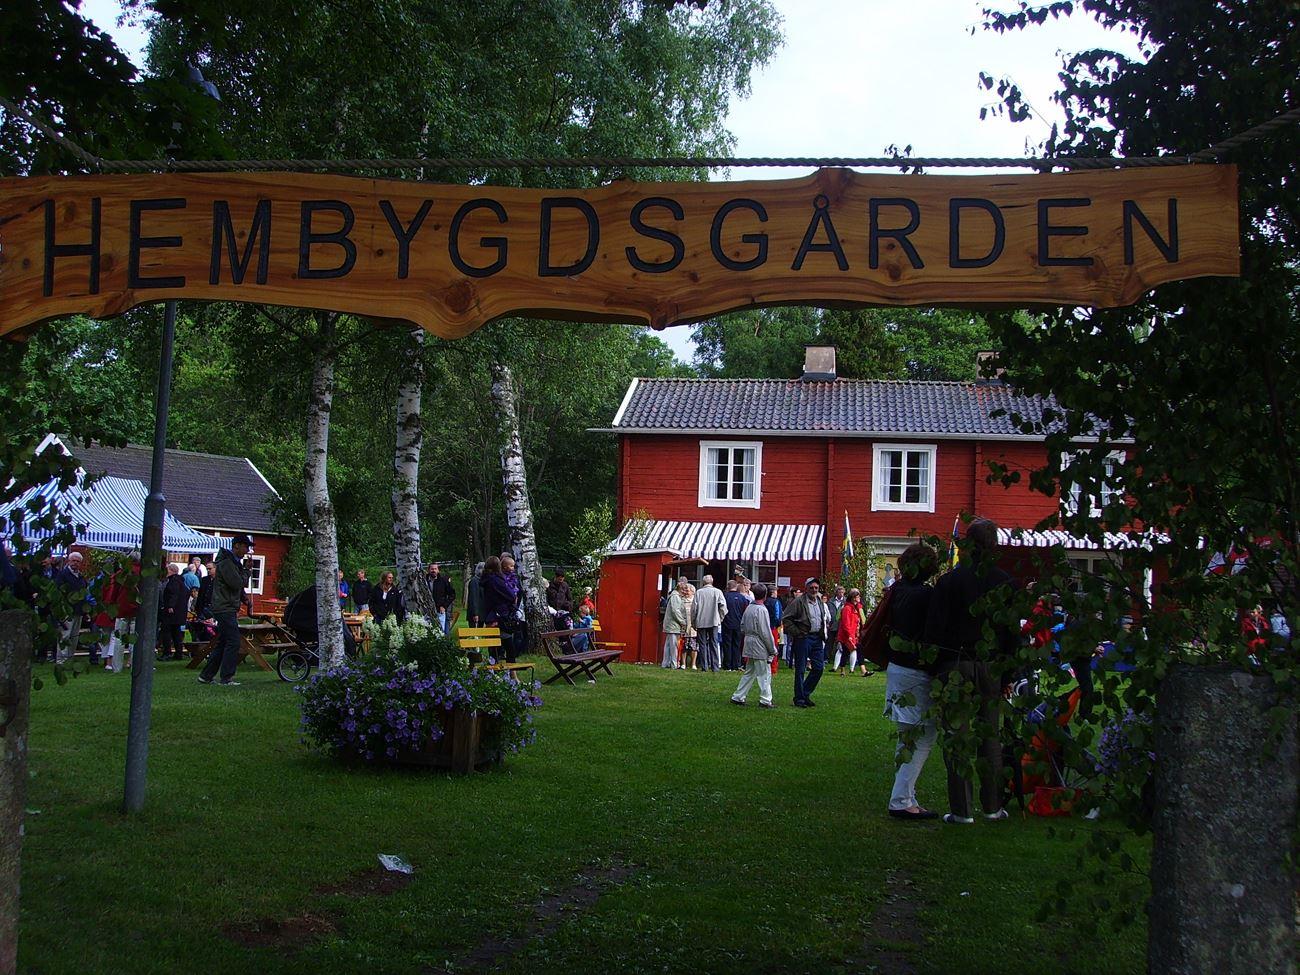 Skede Hembygdsgård - Summer café